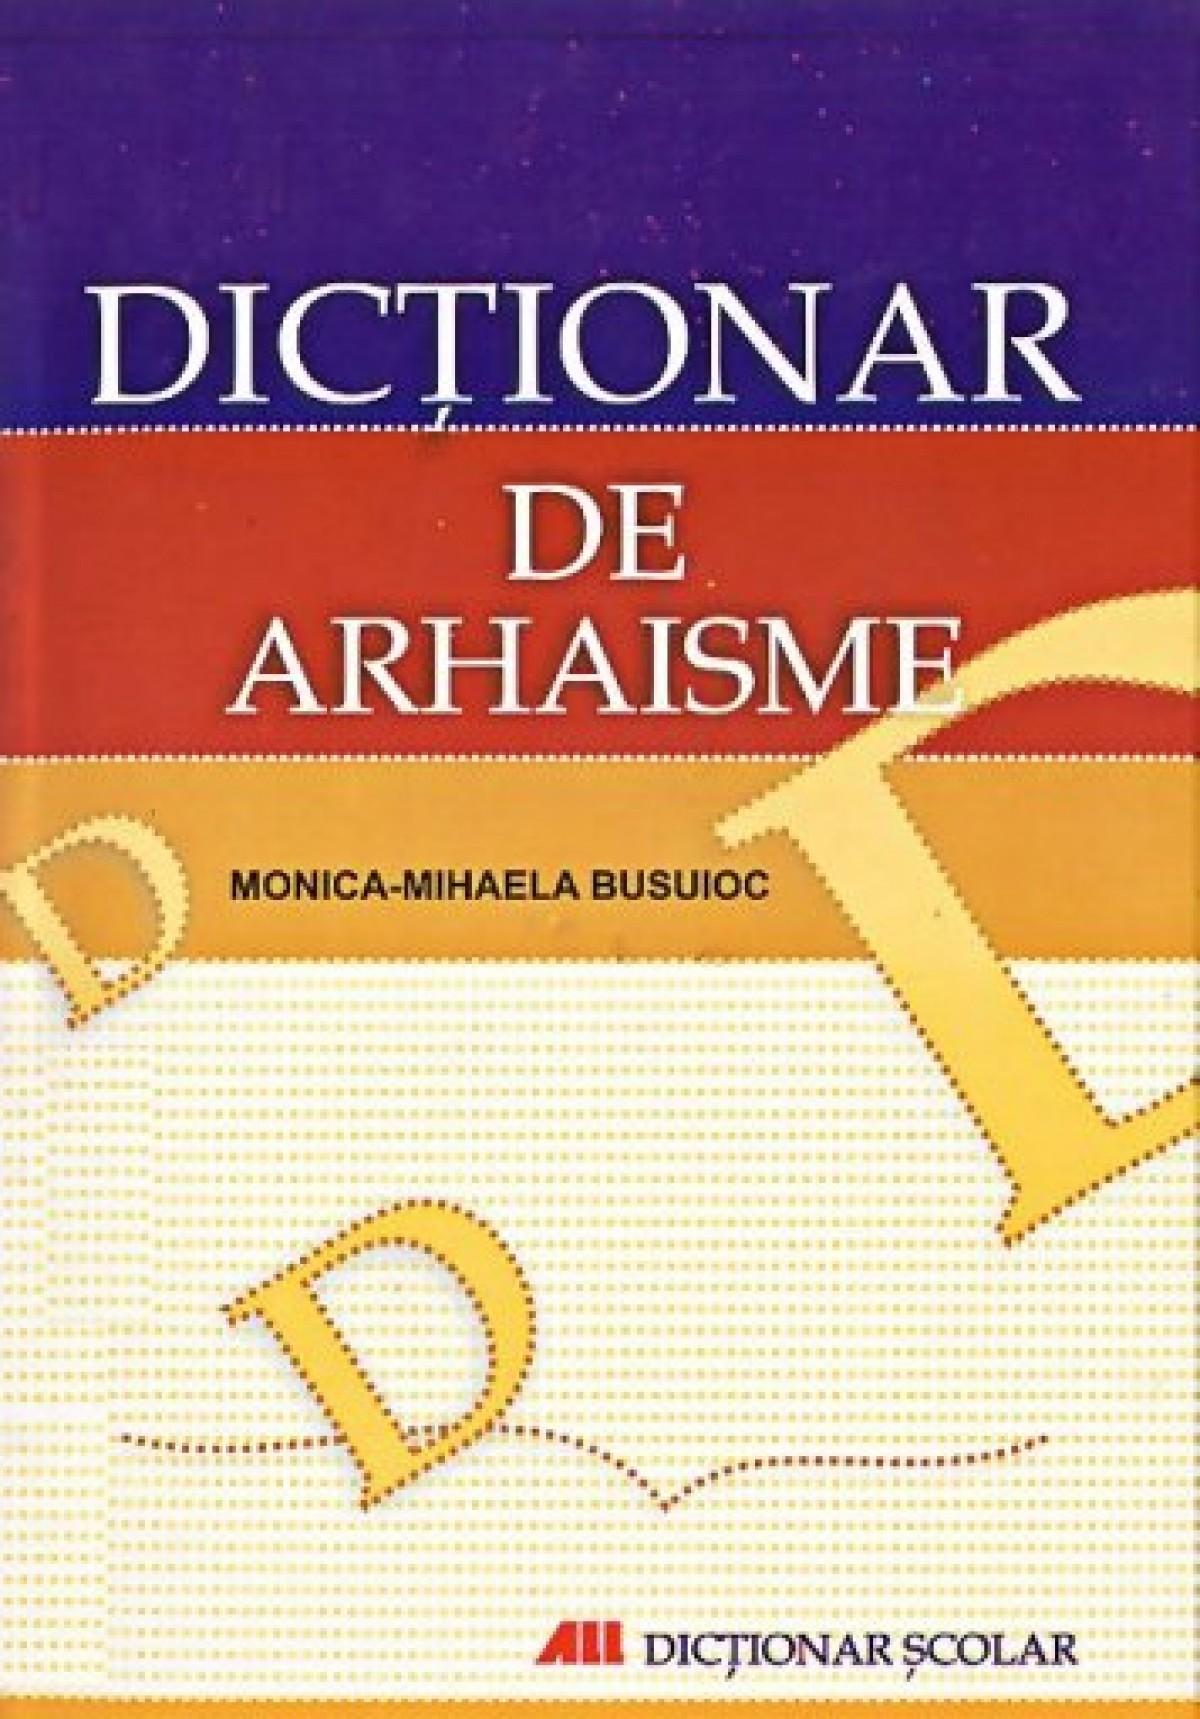 Dictionar de arhaisme